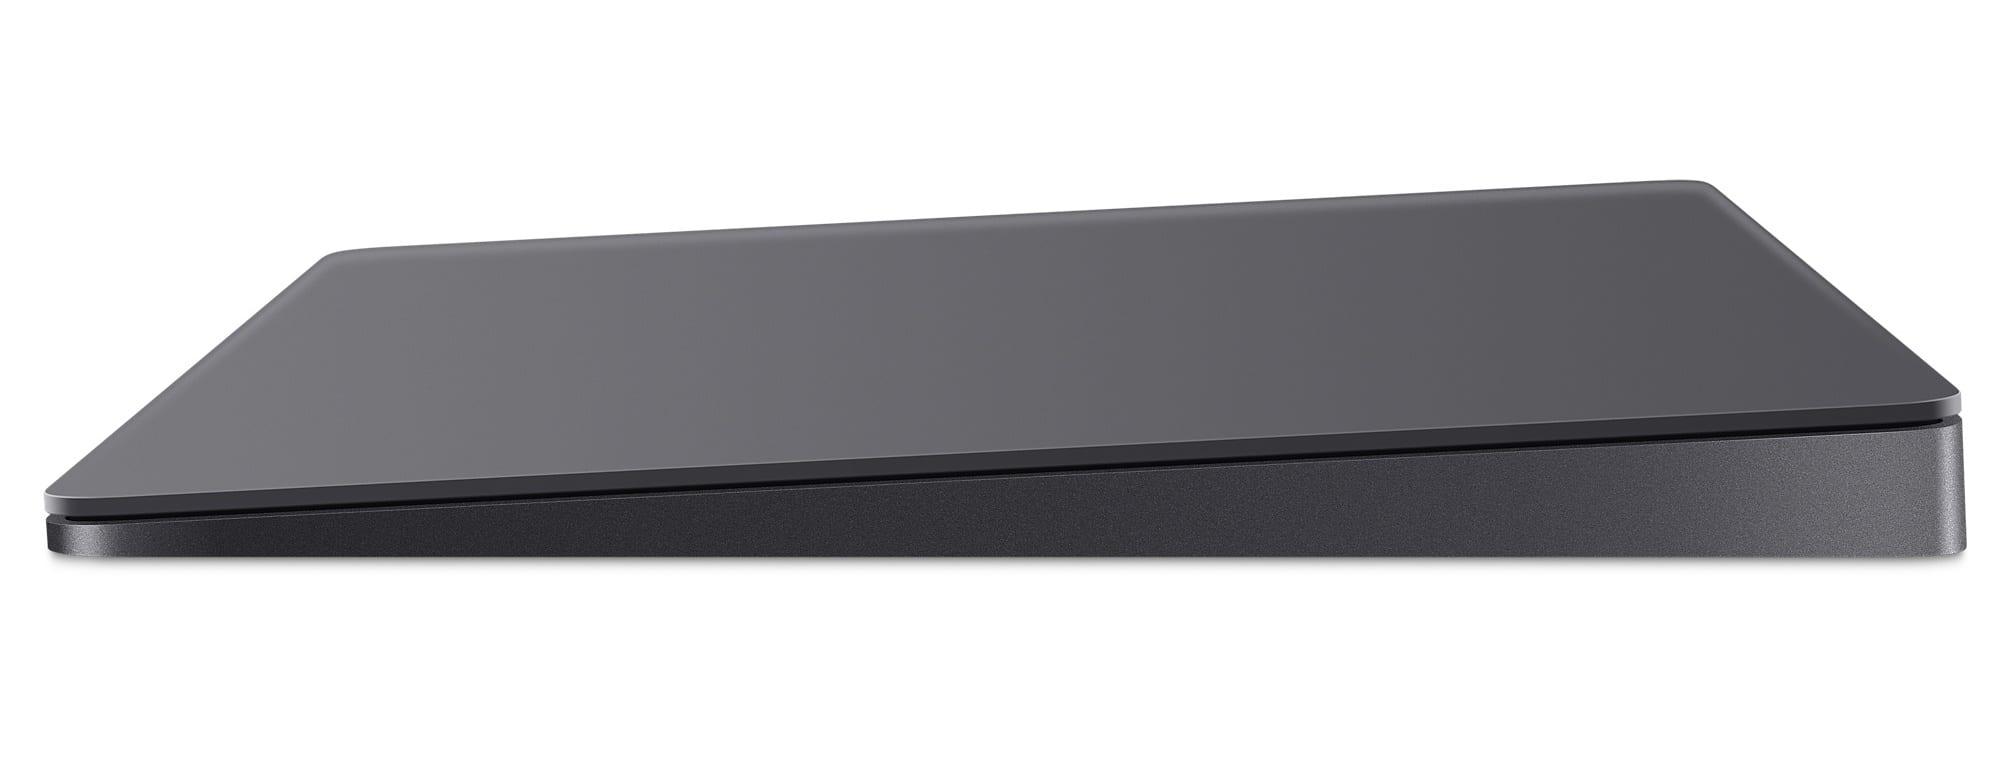 apple magic trackpad space gray - Apple začal prodávat černé příslušenství pro iMac Pro zvlášť